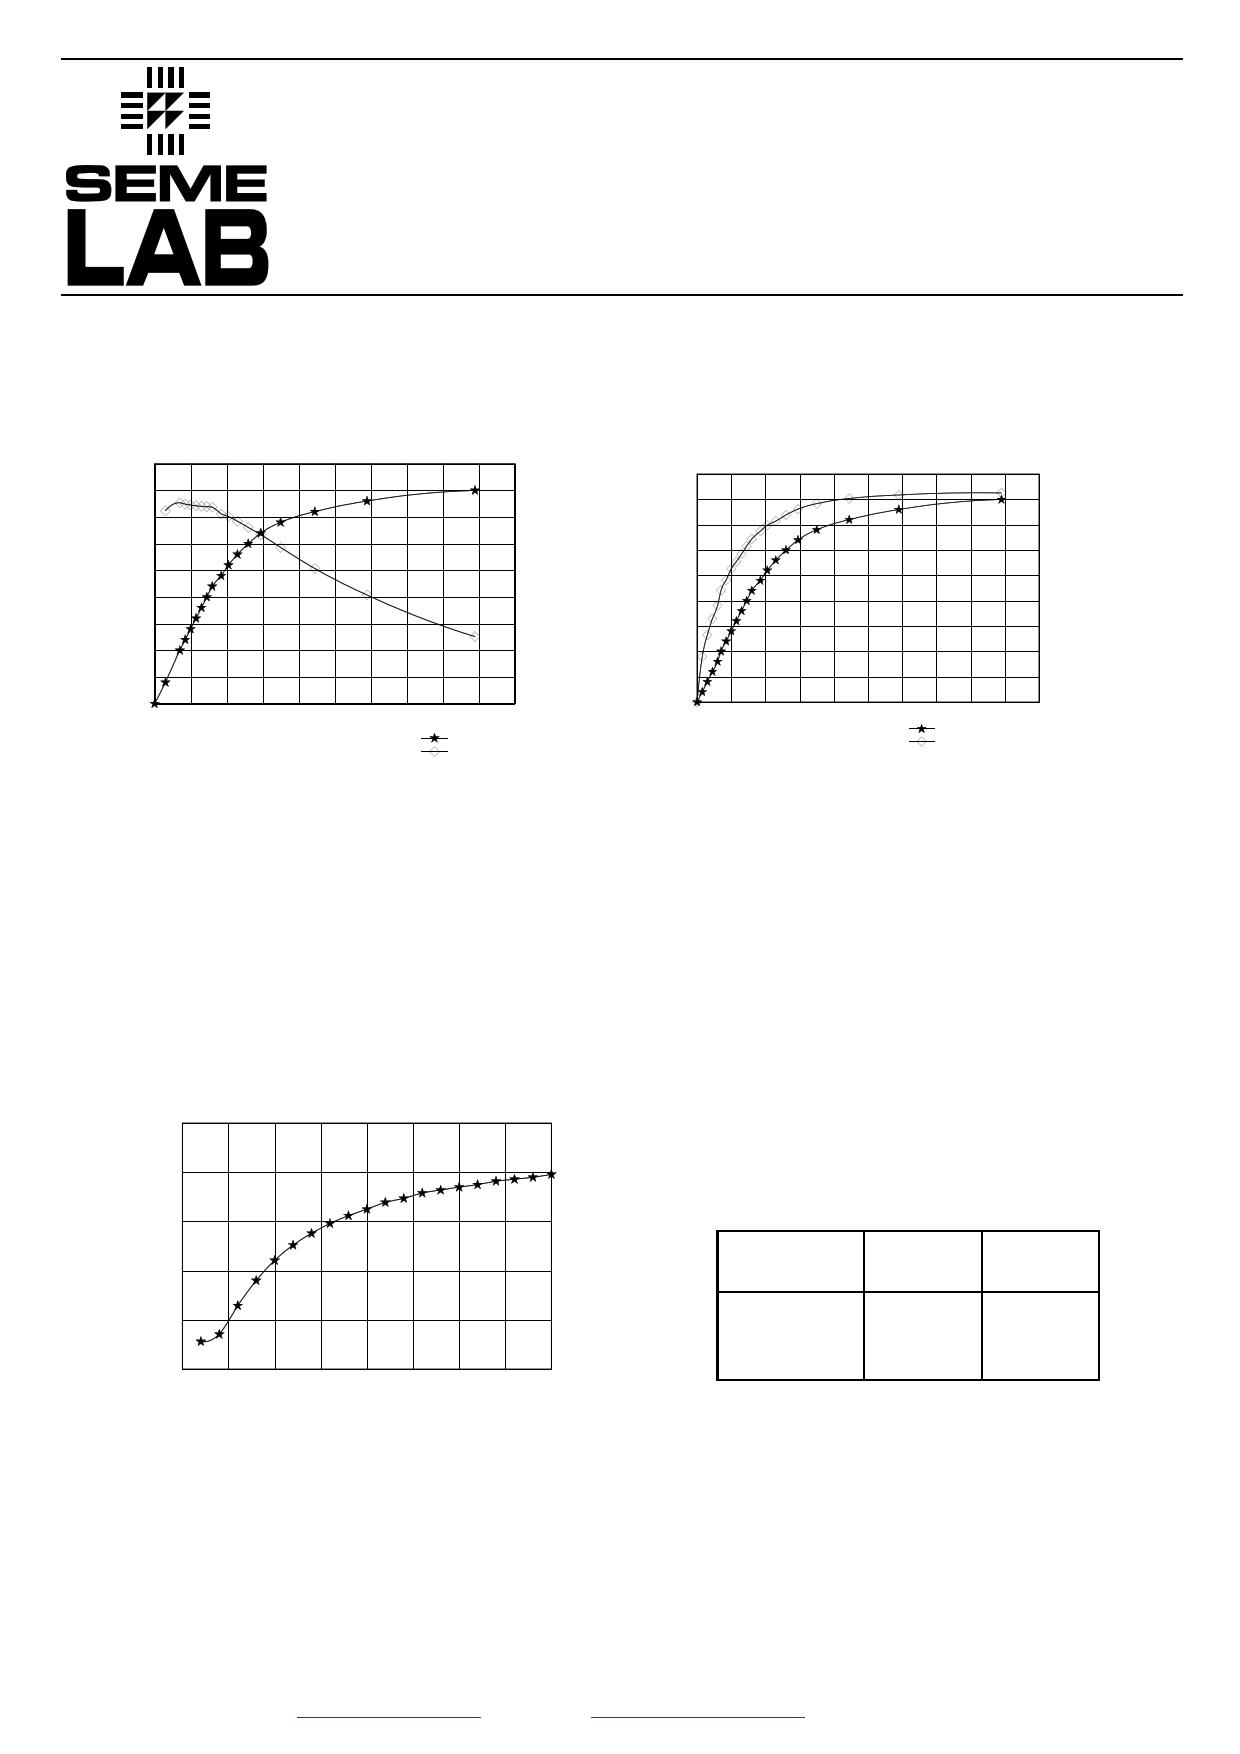 D1029UK pdf, ピン配列